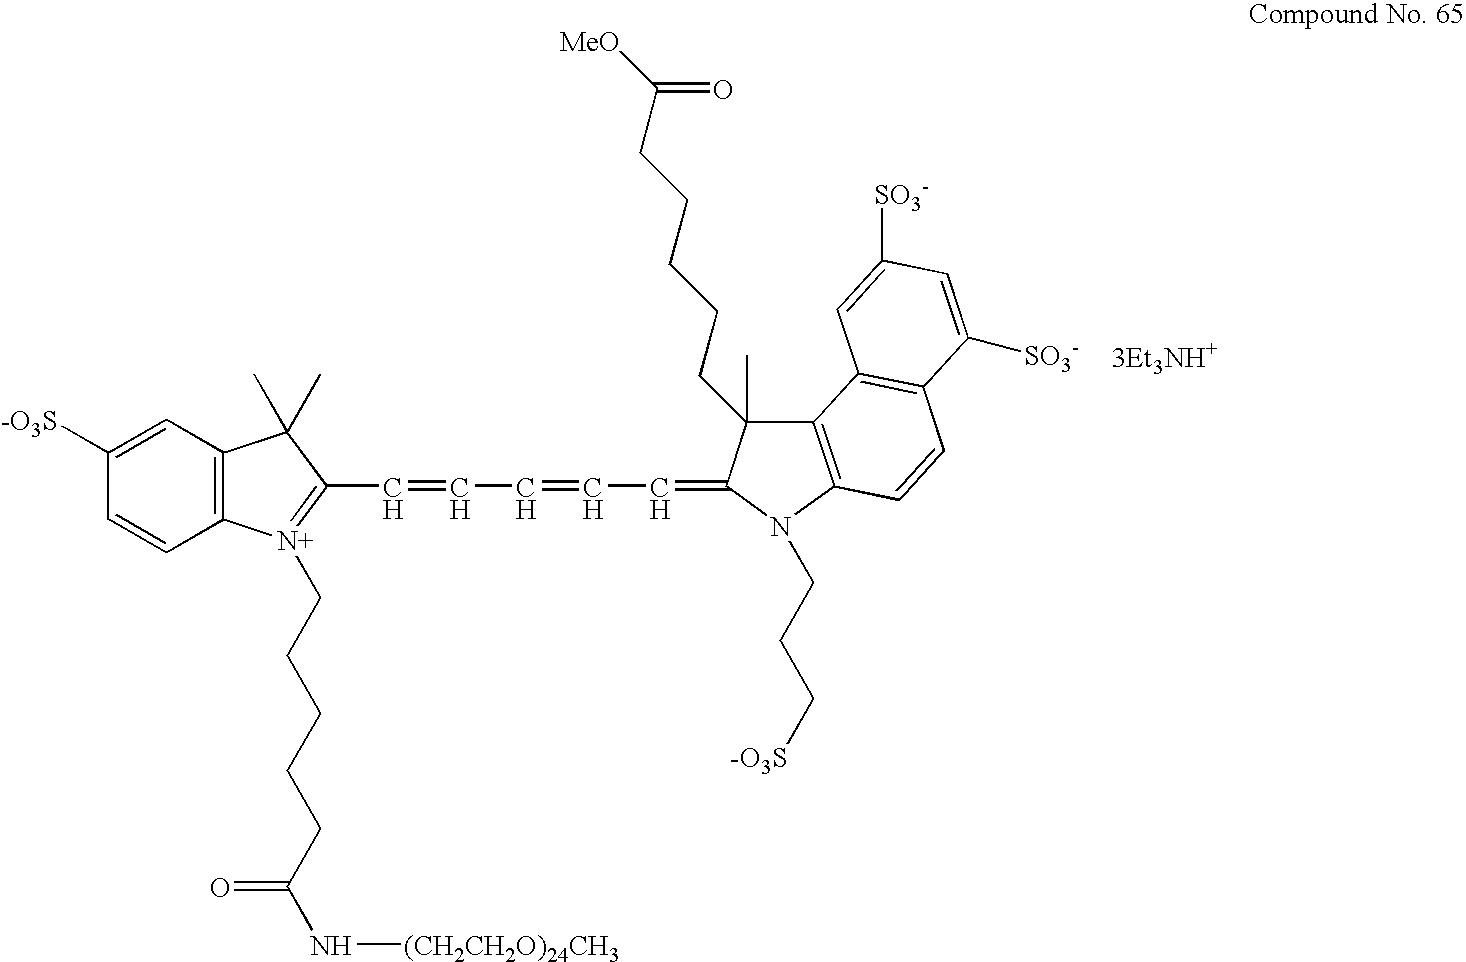 Figure US20090305410A1-20091210-C00189